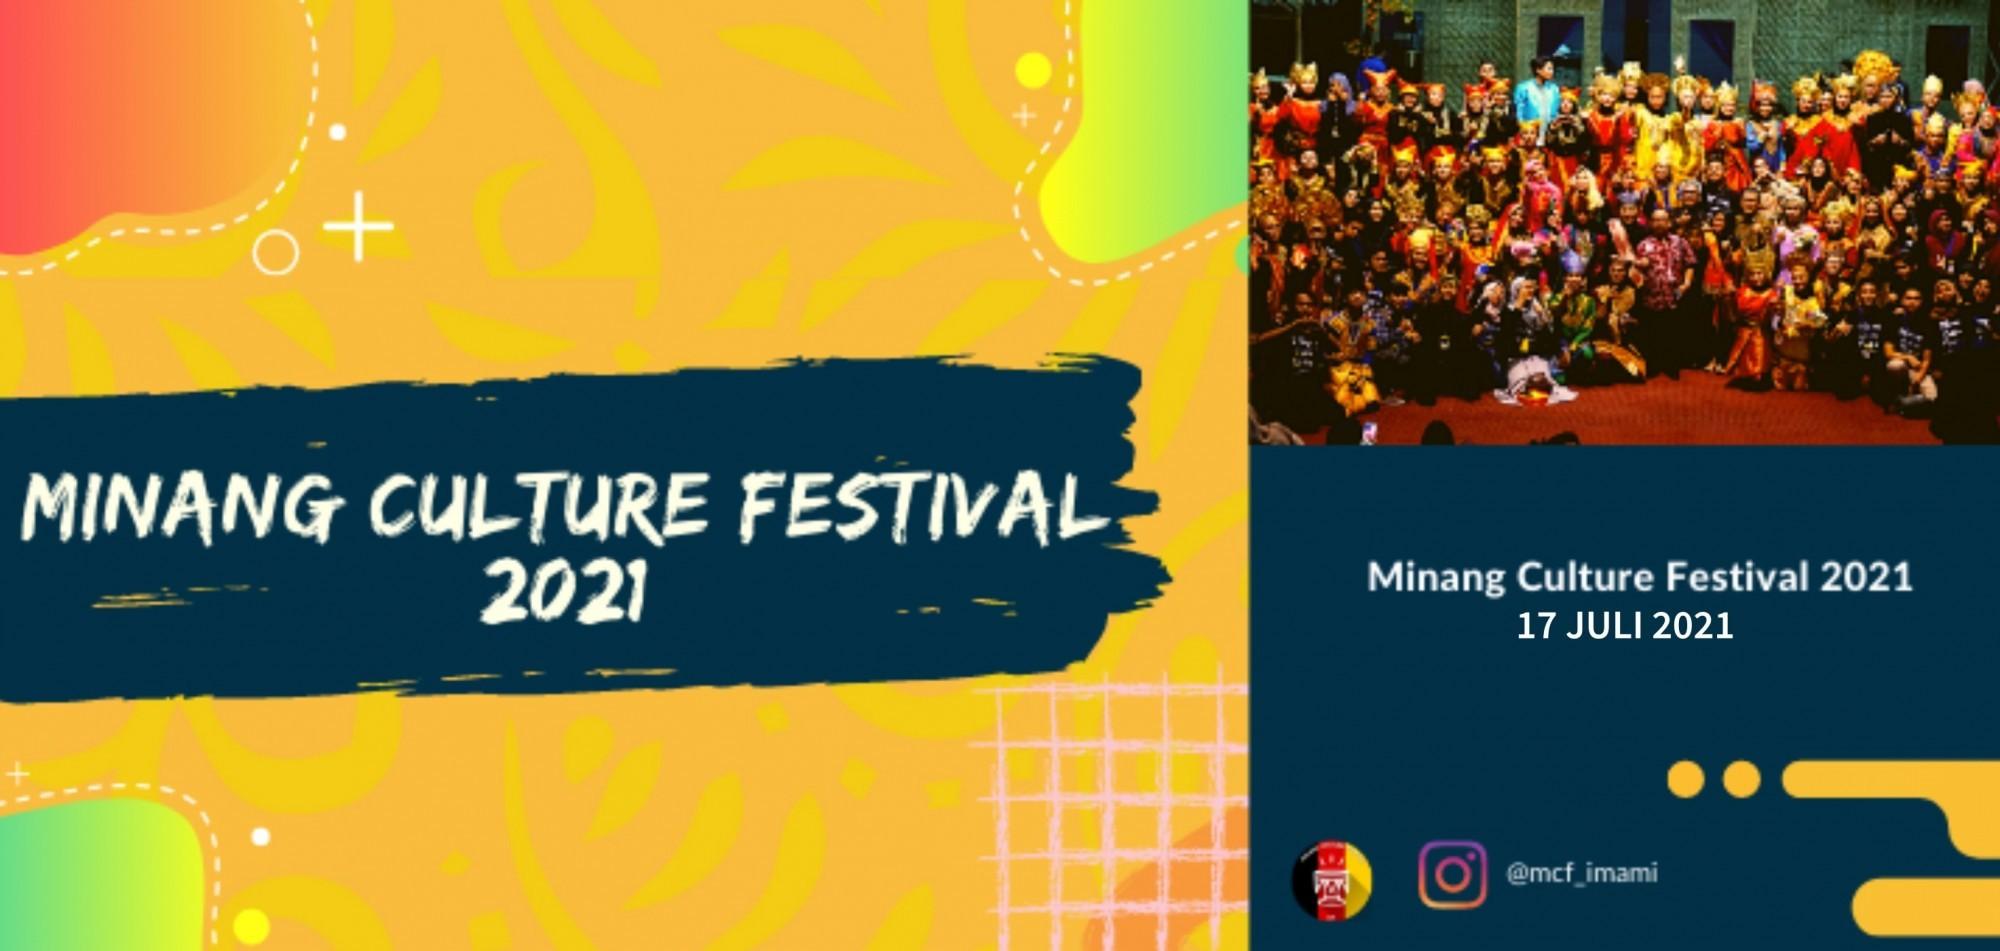 Minang Culture Festival 2021